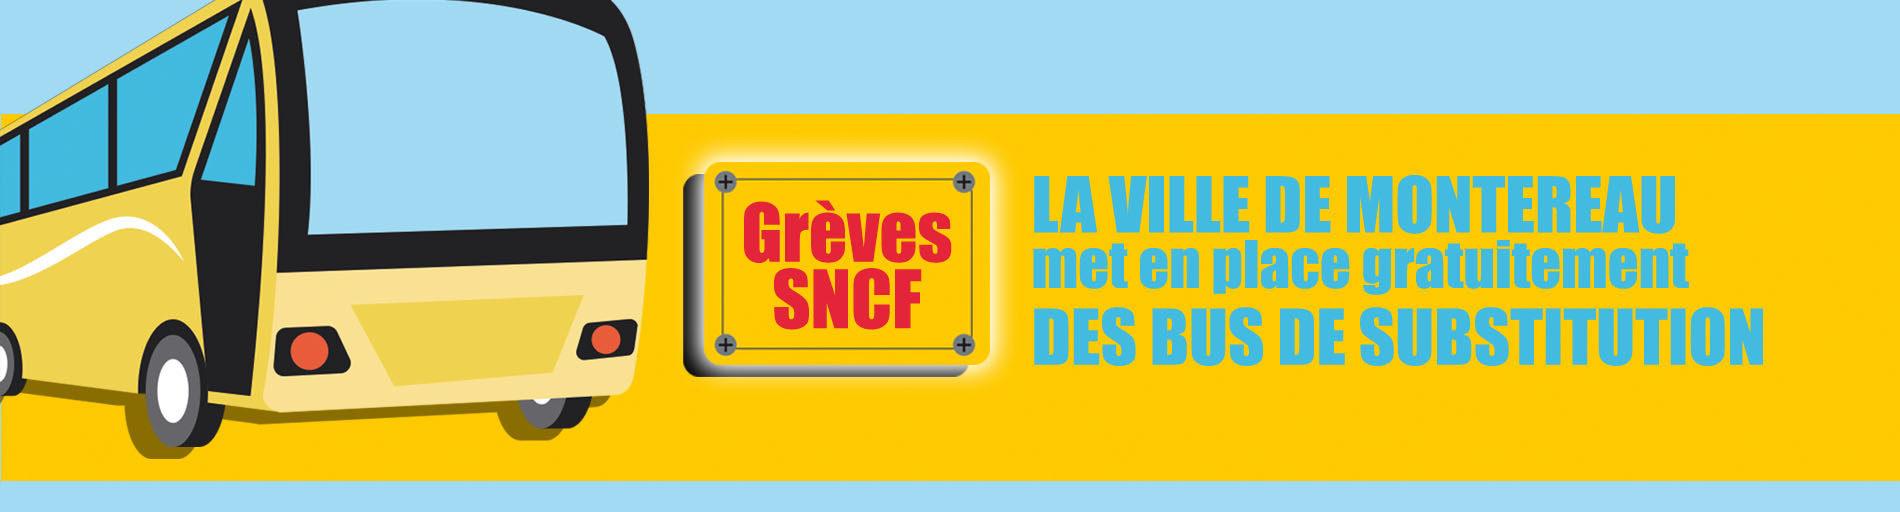 Greves Sncf Calendrier 2020.Greve Sncf Communique La Ville De Montereau Met En Place